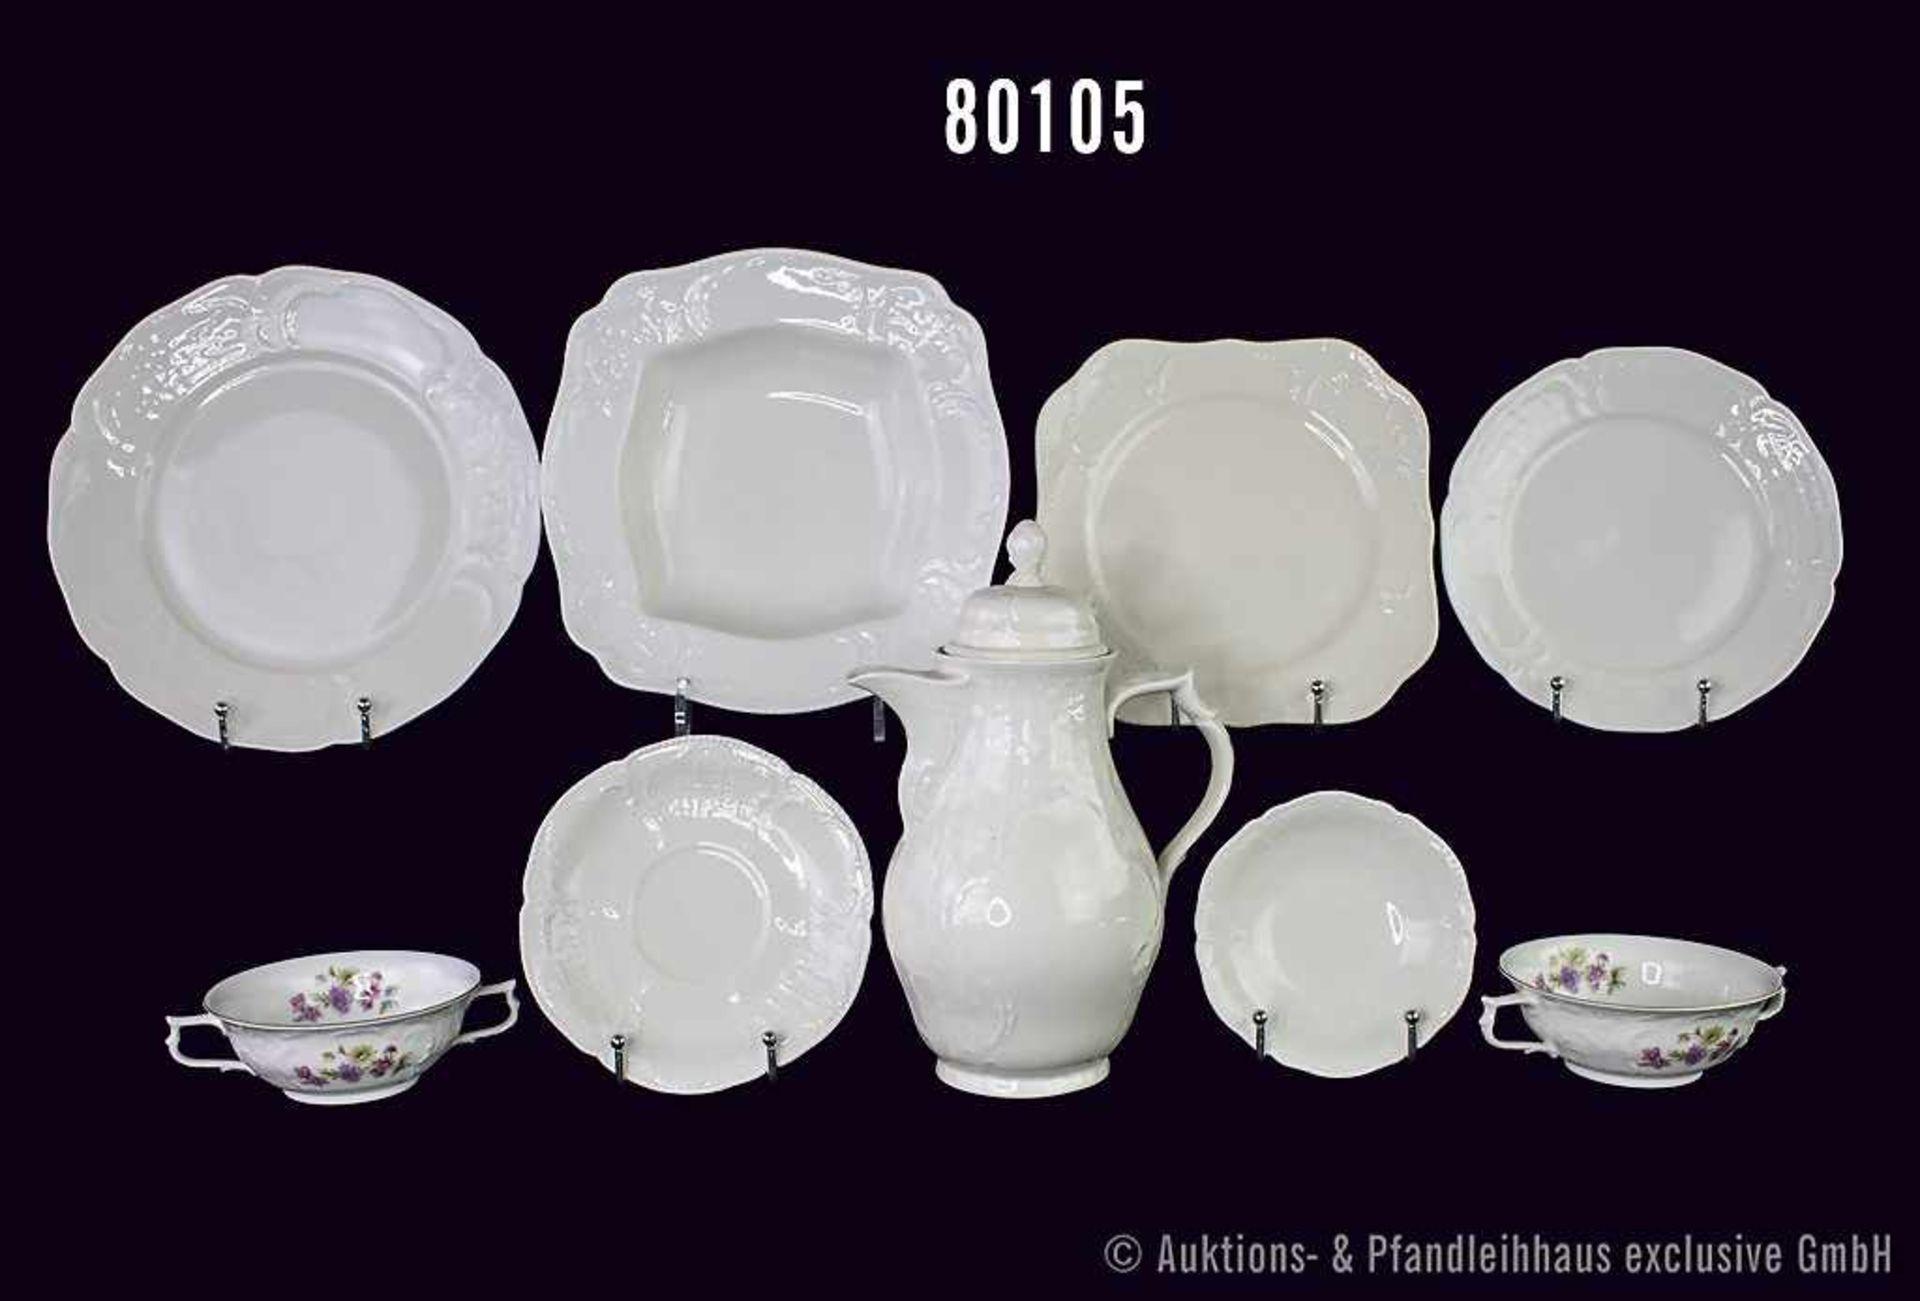 """Konv. 56 Teile Rosenthal Porzellan, Serie """"Sanssouci"""", elfenbein, dabei 2 ovale Platten L 40 cm,"""